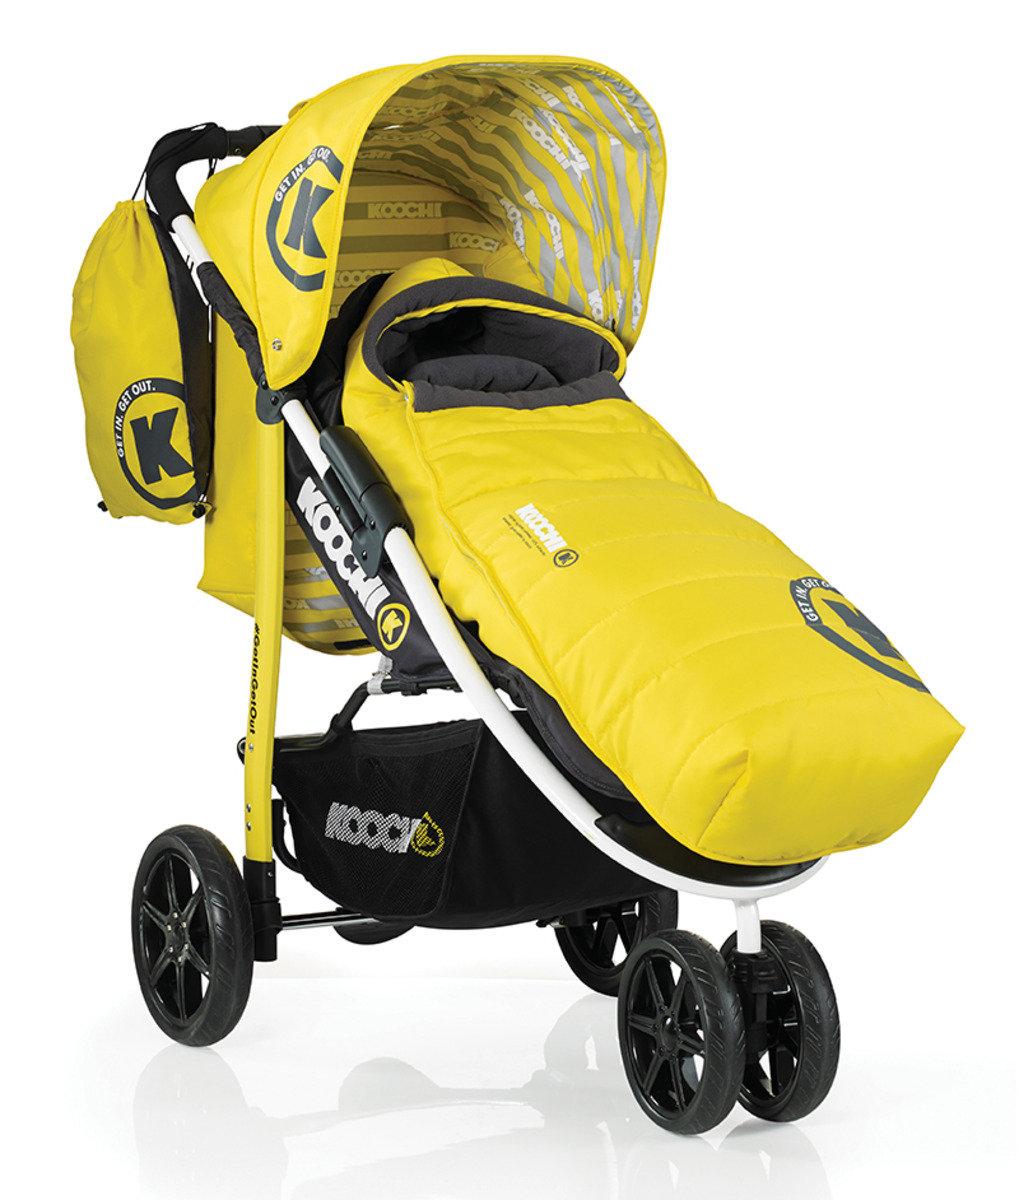 英國 Koochi Pushmatic 嬰兒三輪手推車 - Primary Yellow